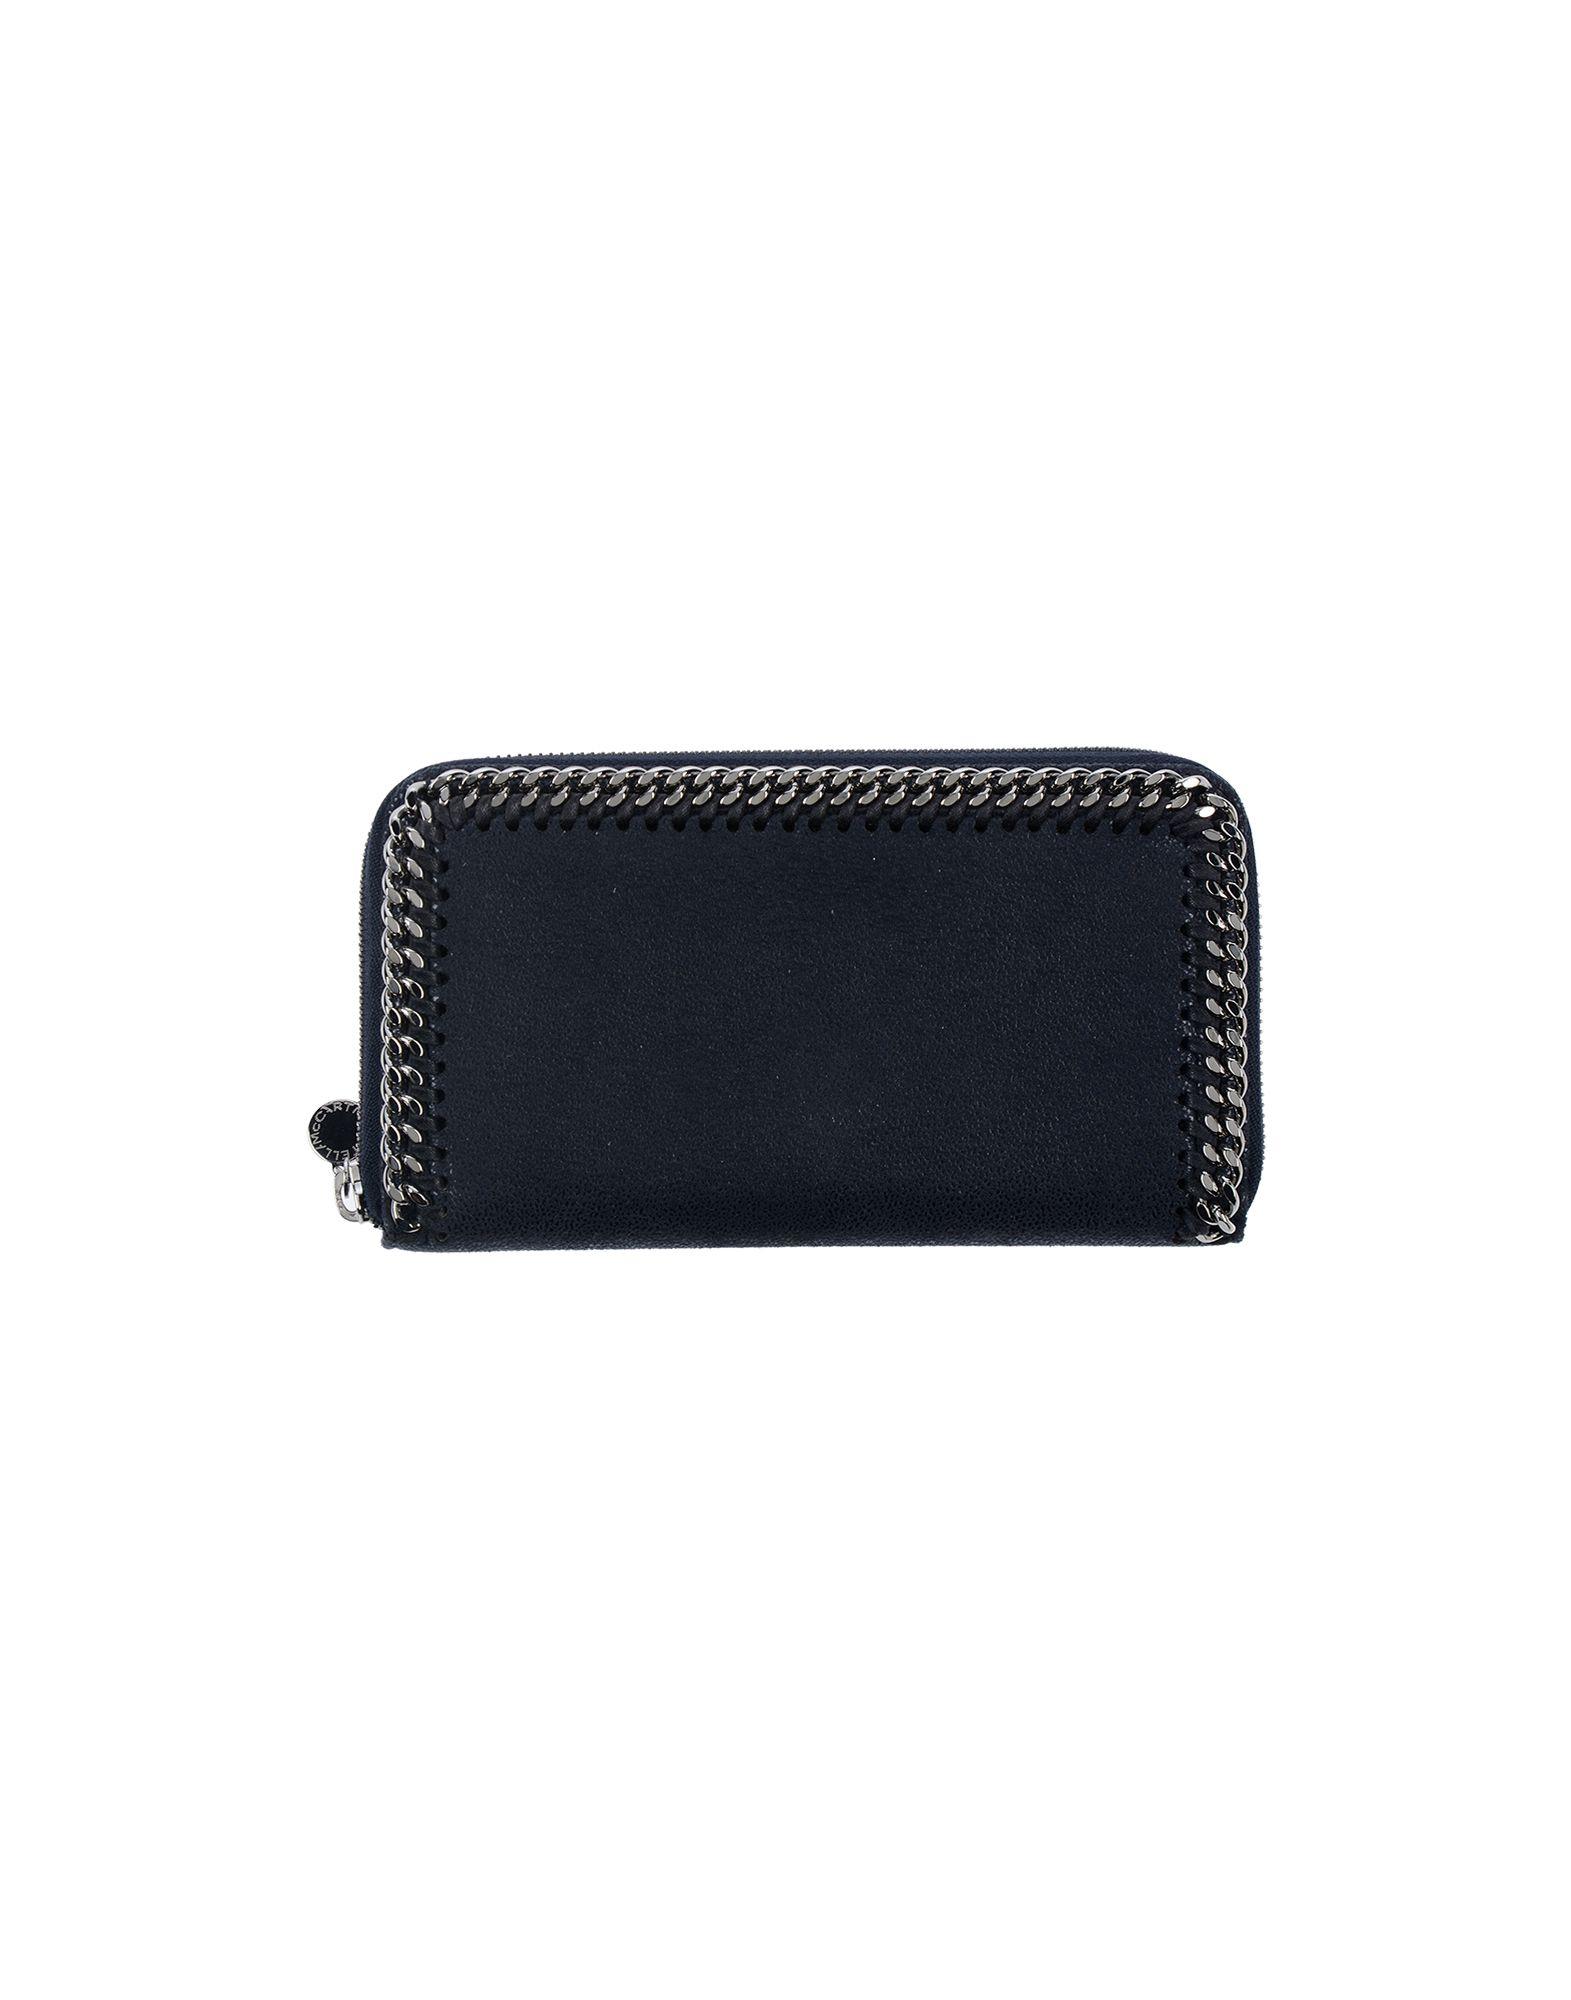 《送料無料》STELLA McCARTNEY レディース 財布 ダークブルー 紡績繊維